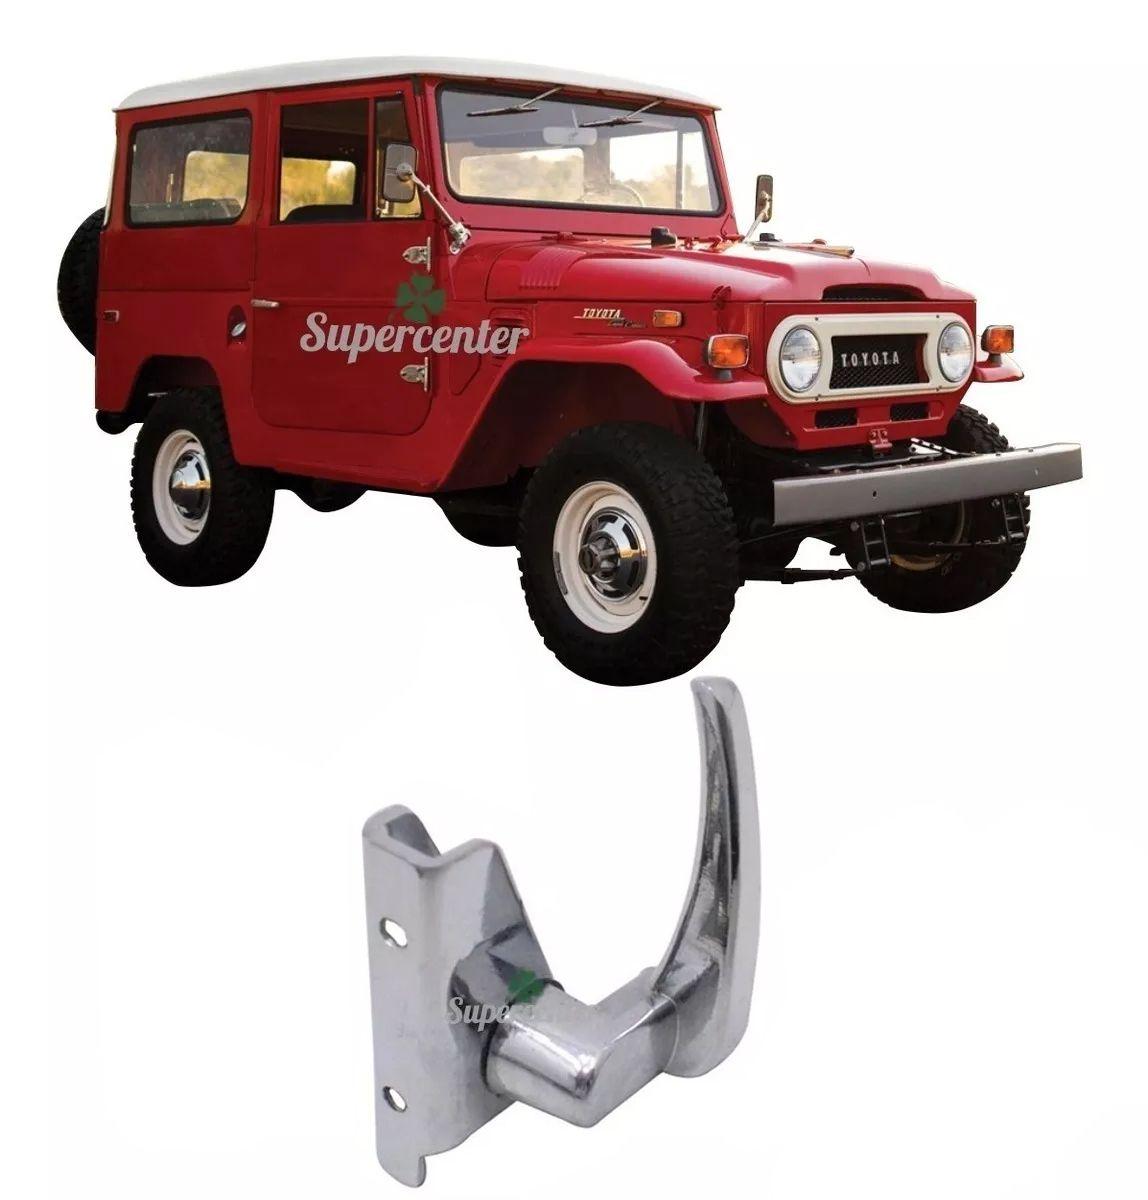 Trinco Quebra Vento Toyota Bandeirante 1962 Até 1984